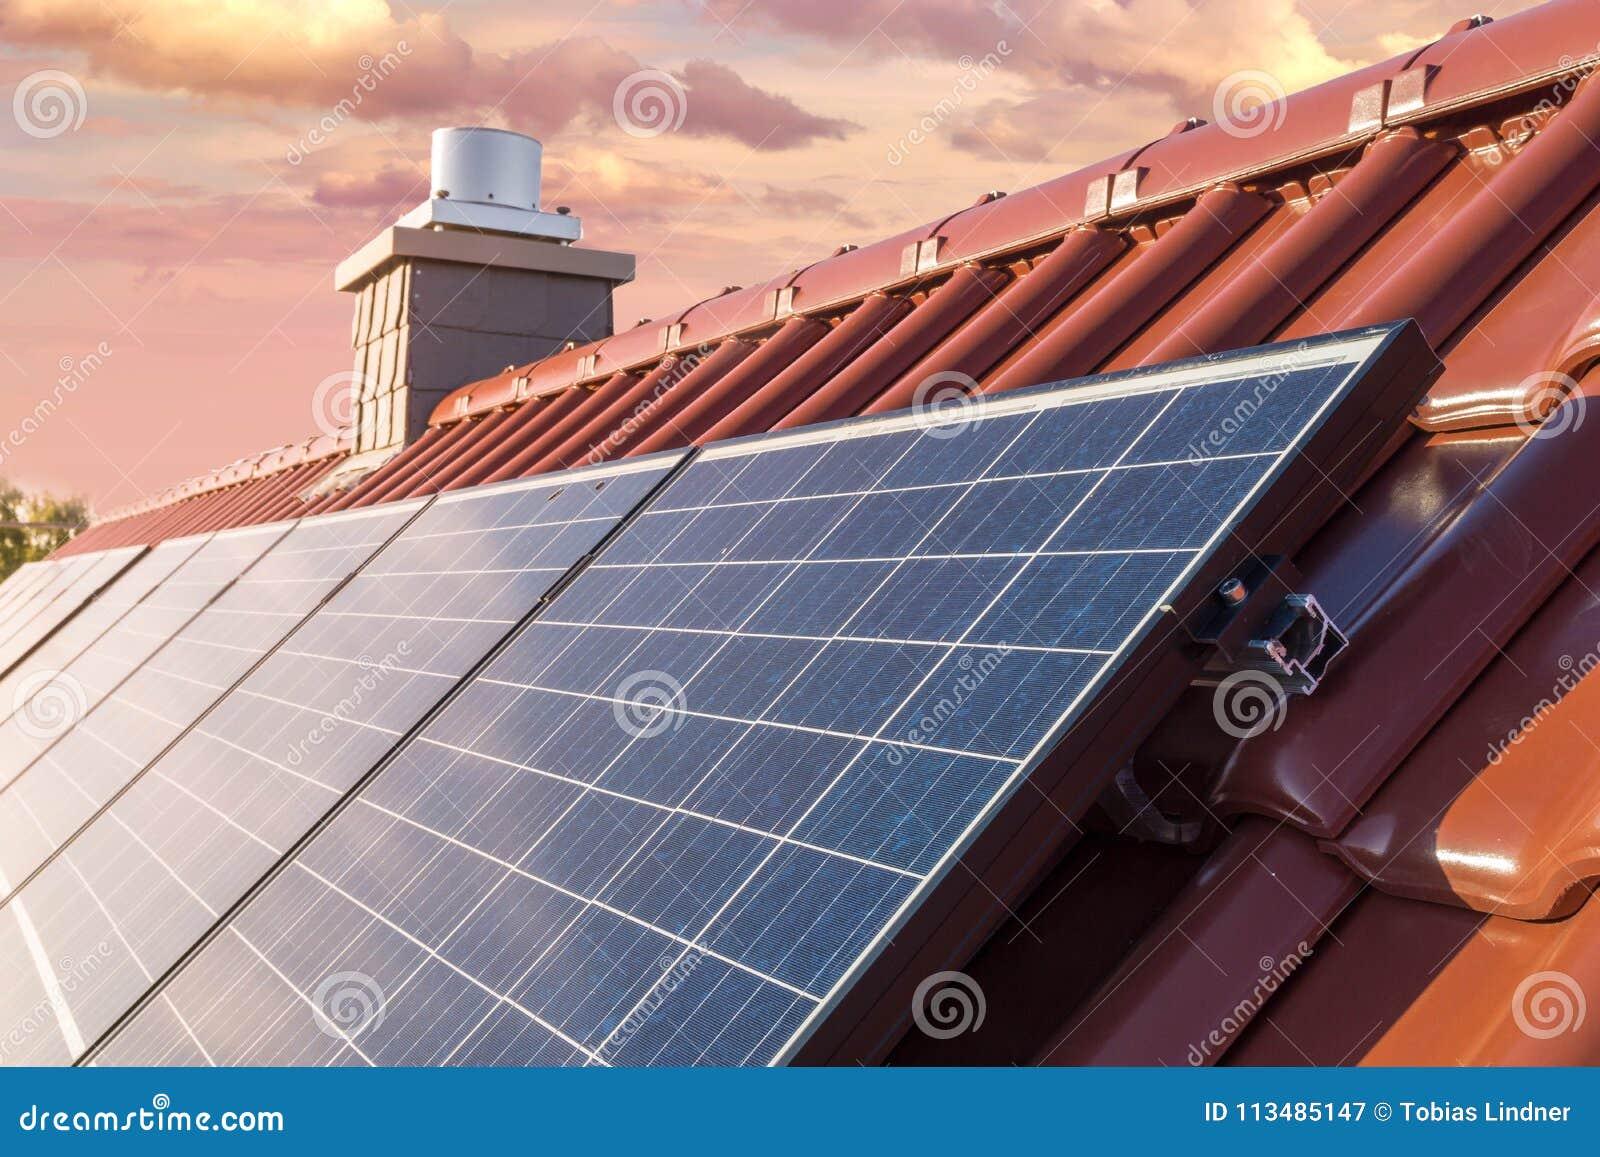 Крыша дома с панелью солнечных батарей или фотовольтайческой системой